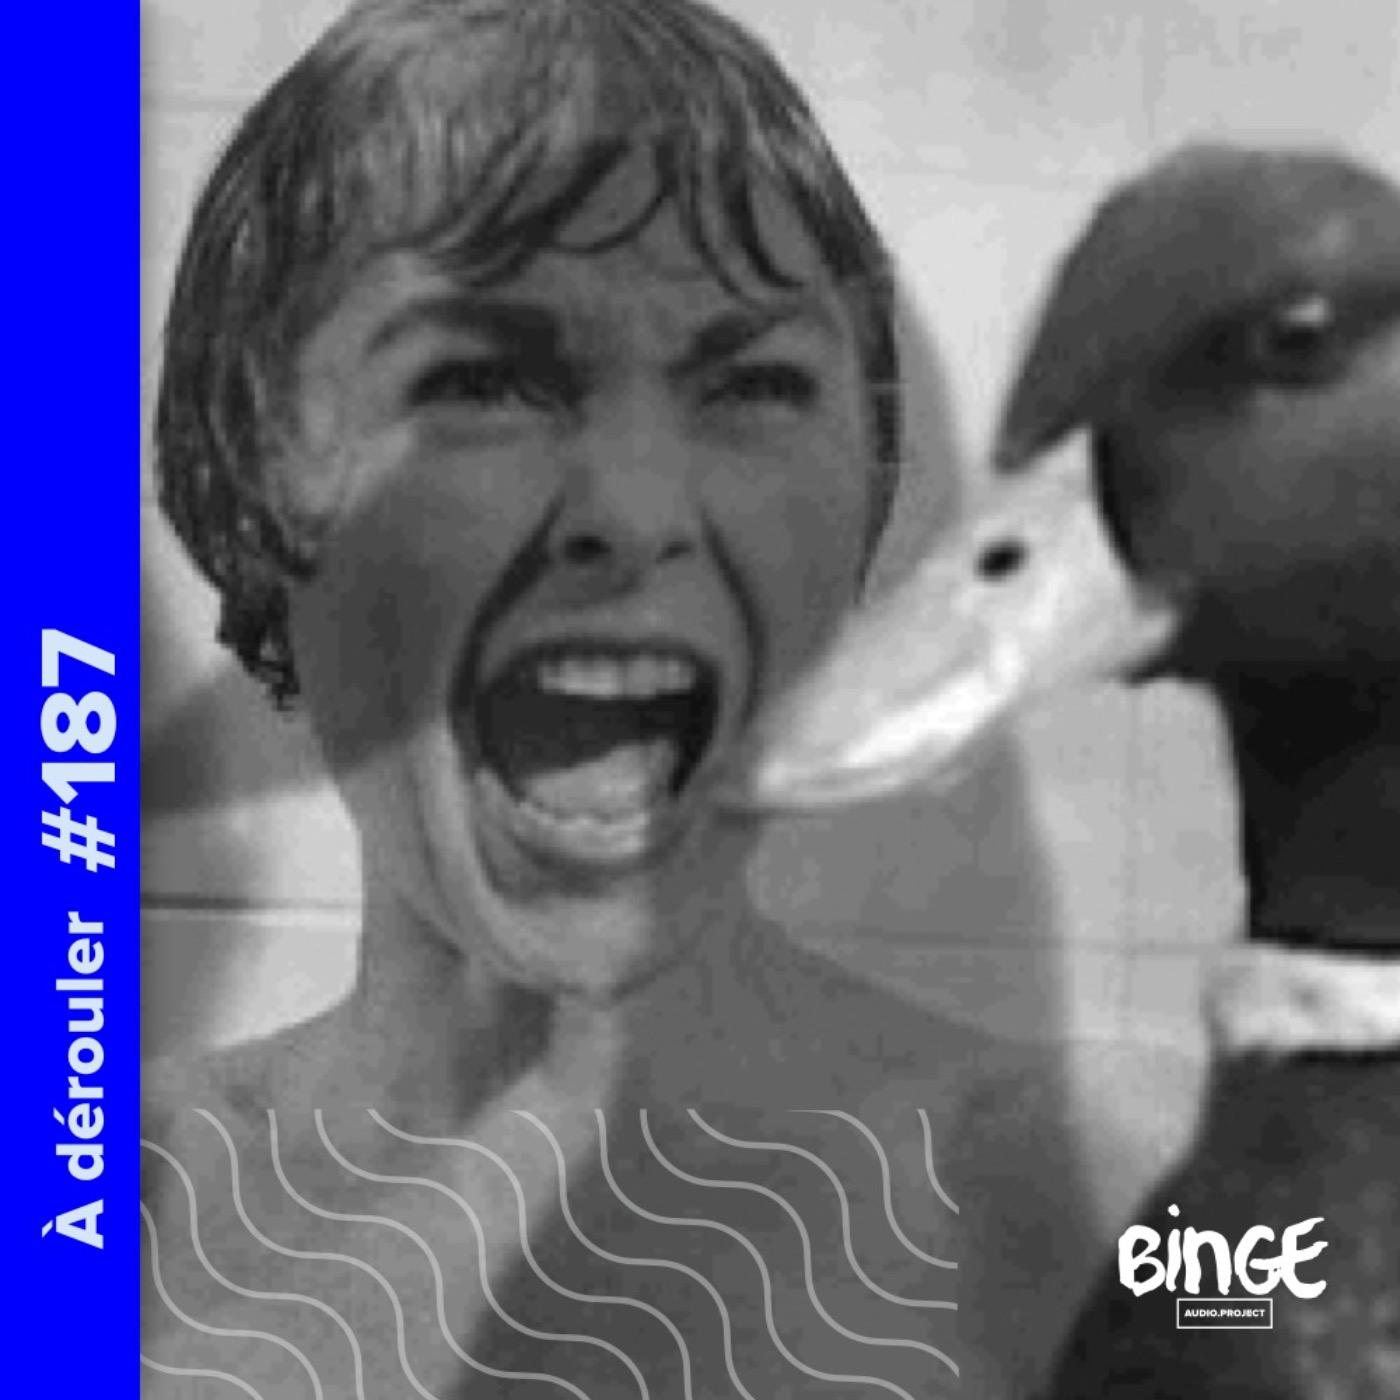 187 - Dick / Duck